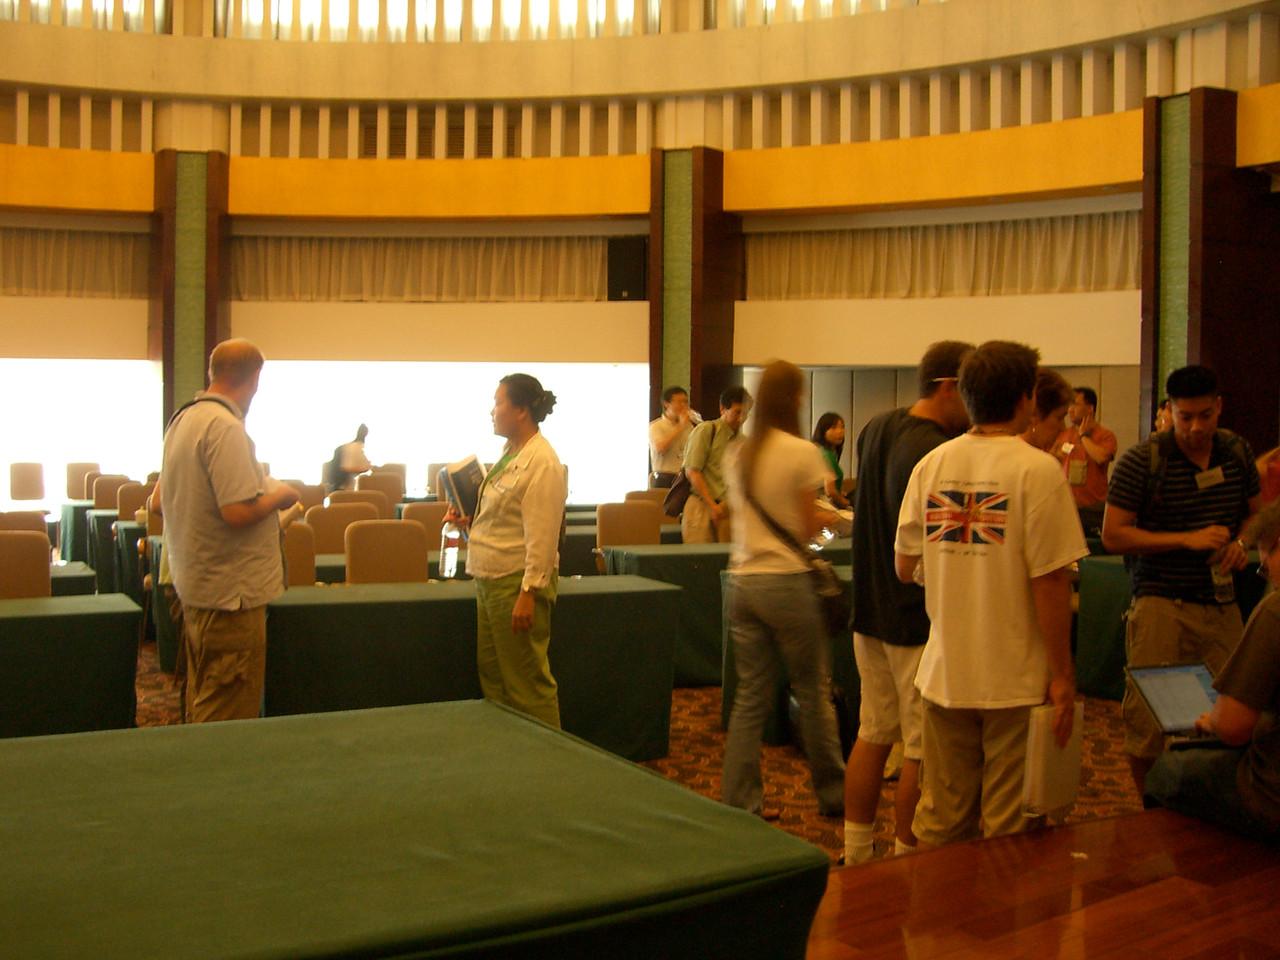 2006 07 15 Sat - Yong Jiang Hotel conference room 2